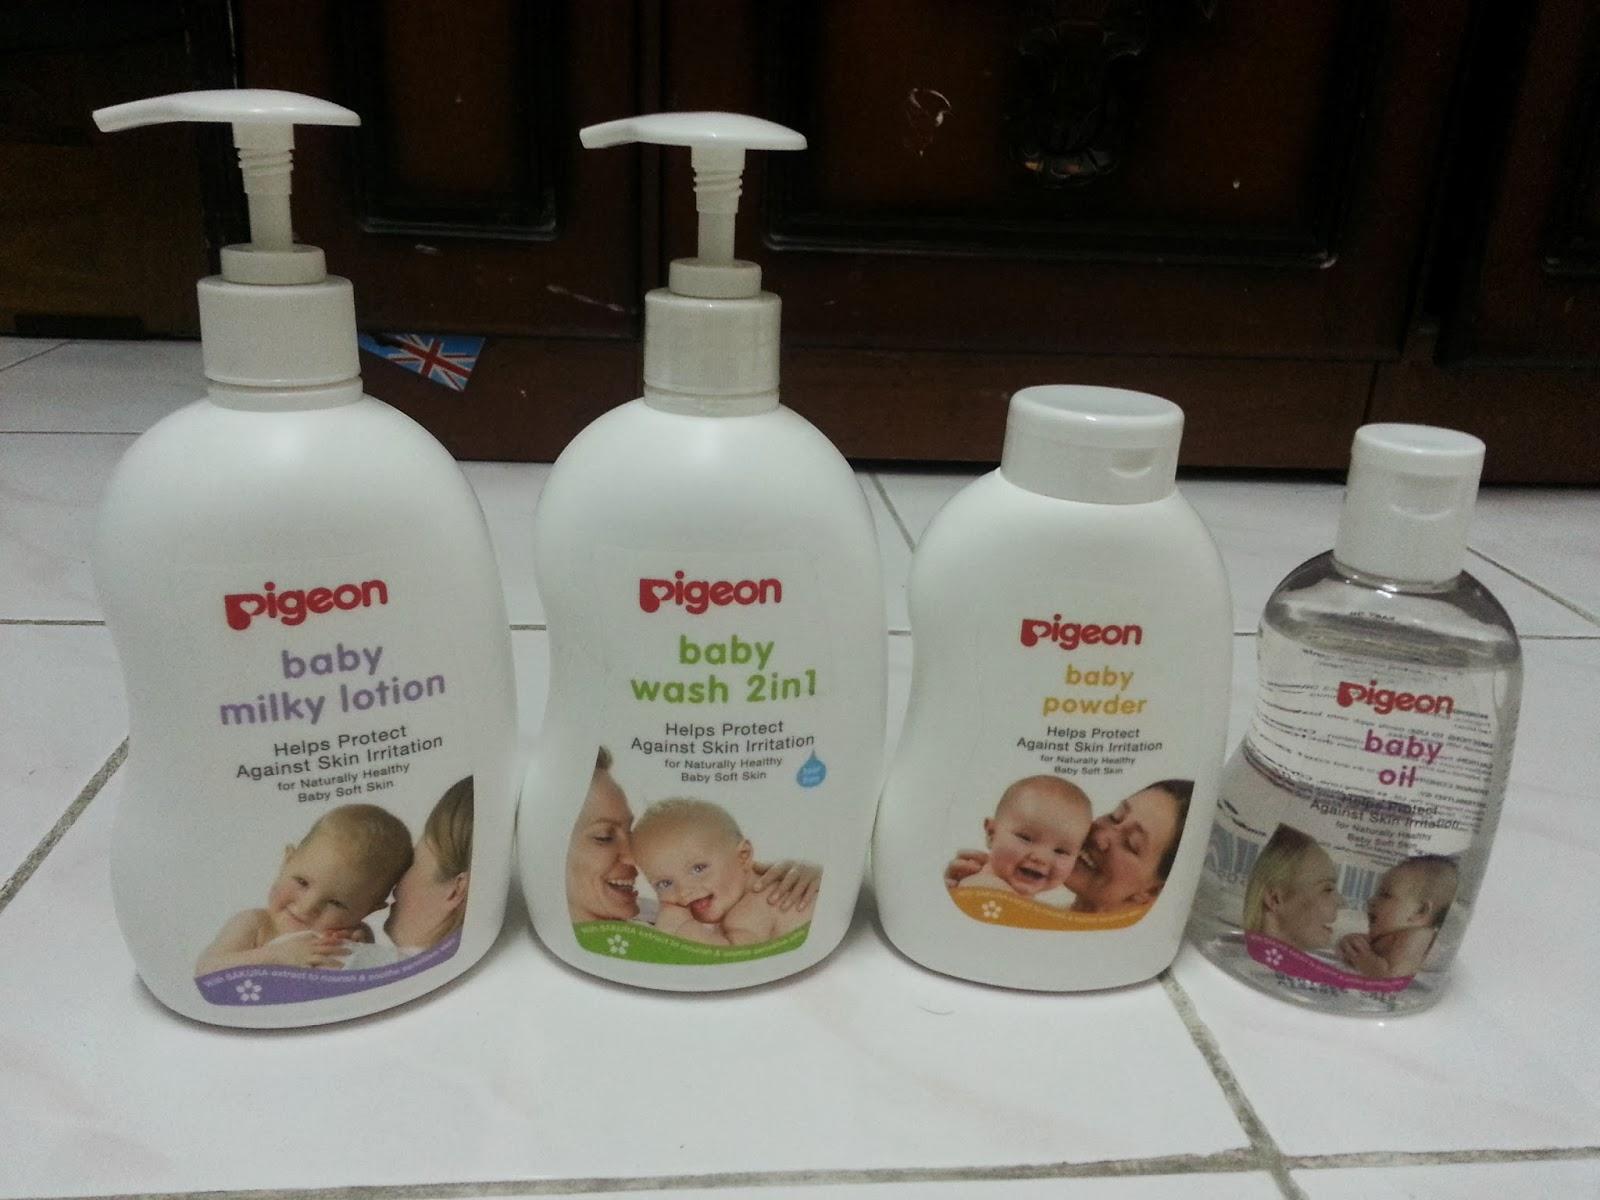 Harga Jual Sabun Bayi Pigeon Baby Wash 36500 2in1 Refill 600ml Perkongsian Seorang Suri Ibu Dan Wanita Serta Bisnes 22 Chamomile